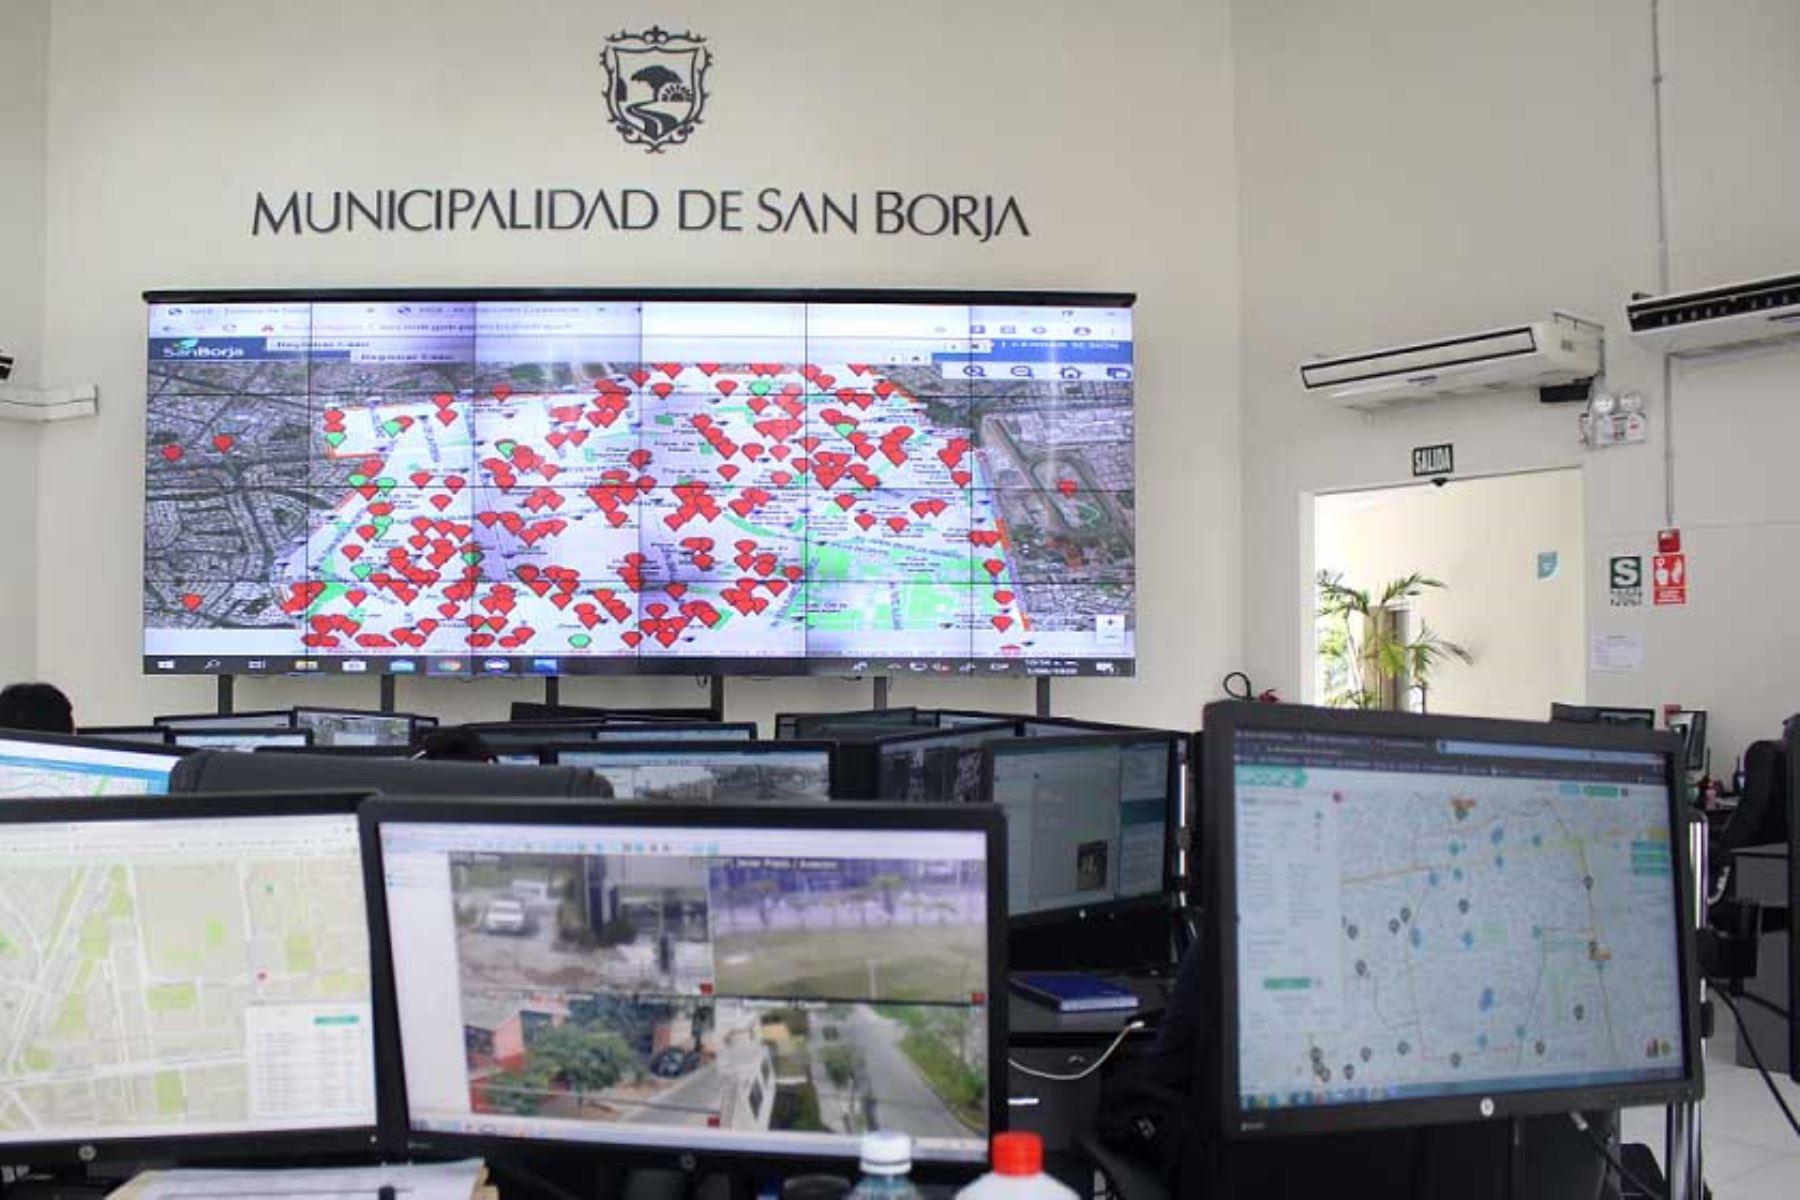 Vecinos de San Borja contagiados por coronavirus seán monitereados por el observatorio municipal del distrito, el primero de un gobierno local. ANDINA/Difusión